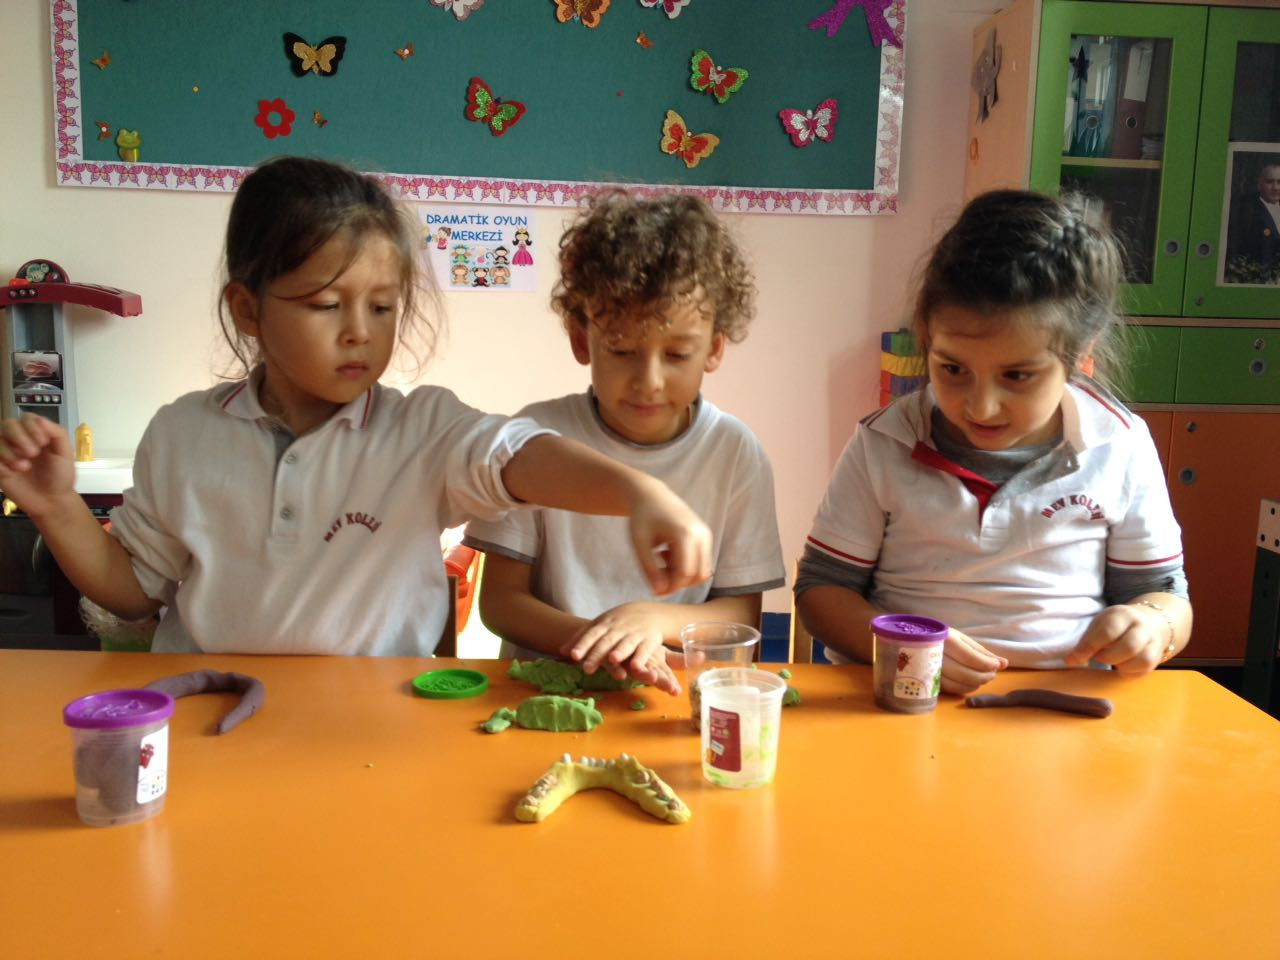 Ana Sınıfı Öğrencilerimiz Dişlerimizin Sağlığı İçin Yapılması Gerekenleri Öğrendiler